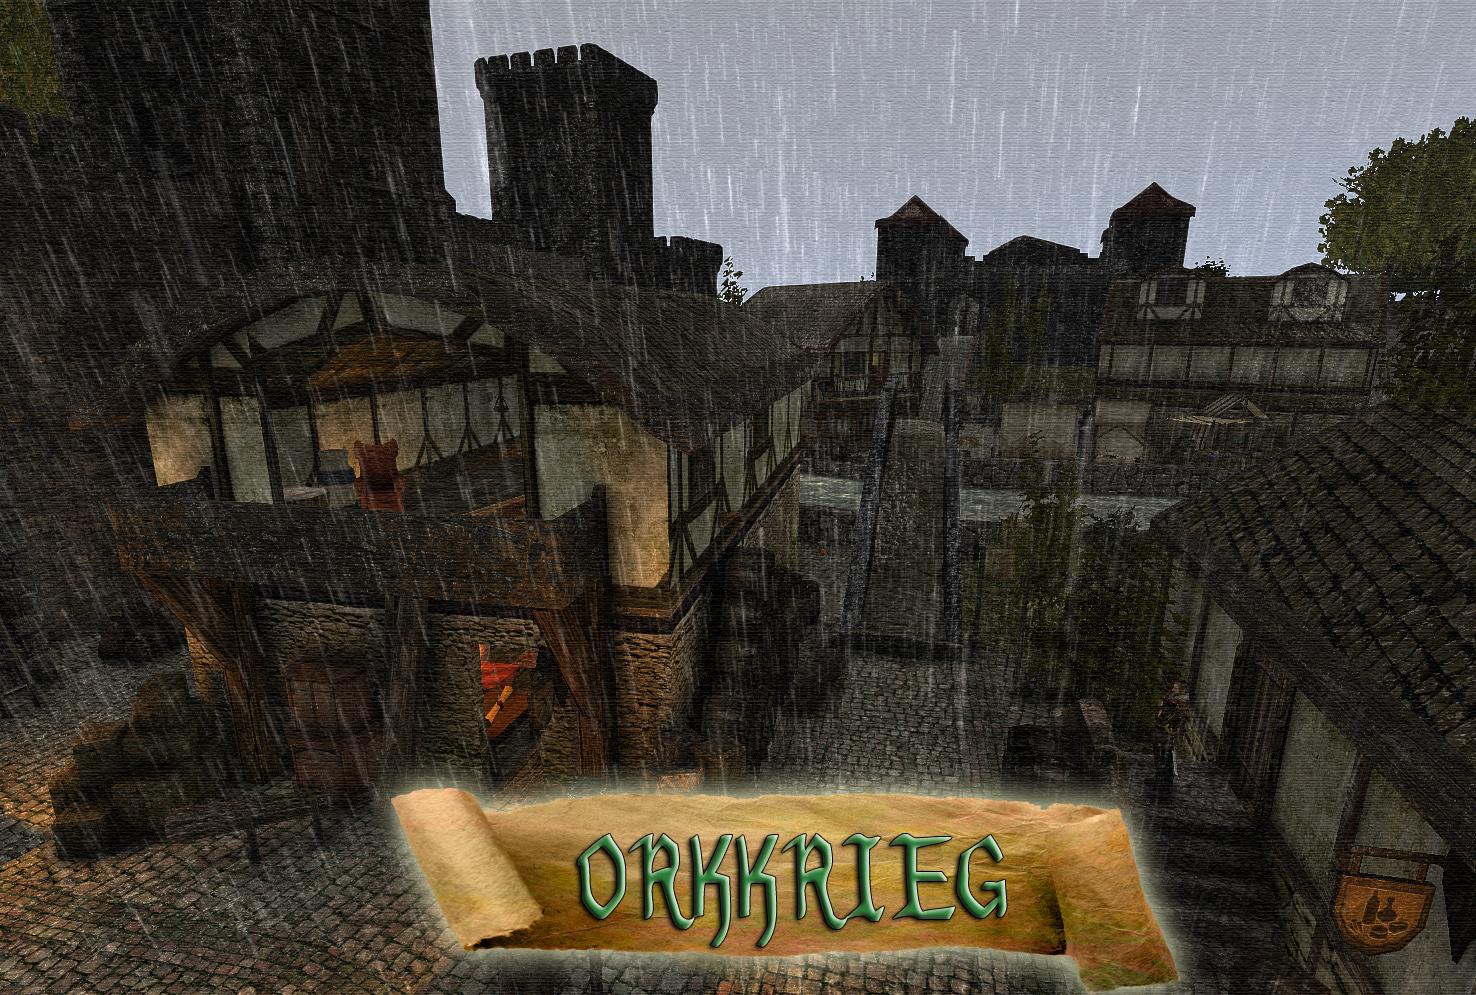 Orkkrieg_2.jpg